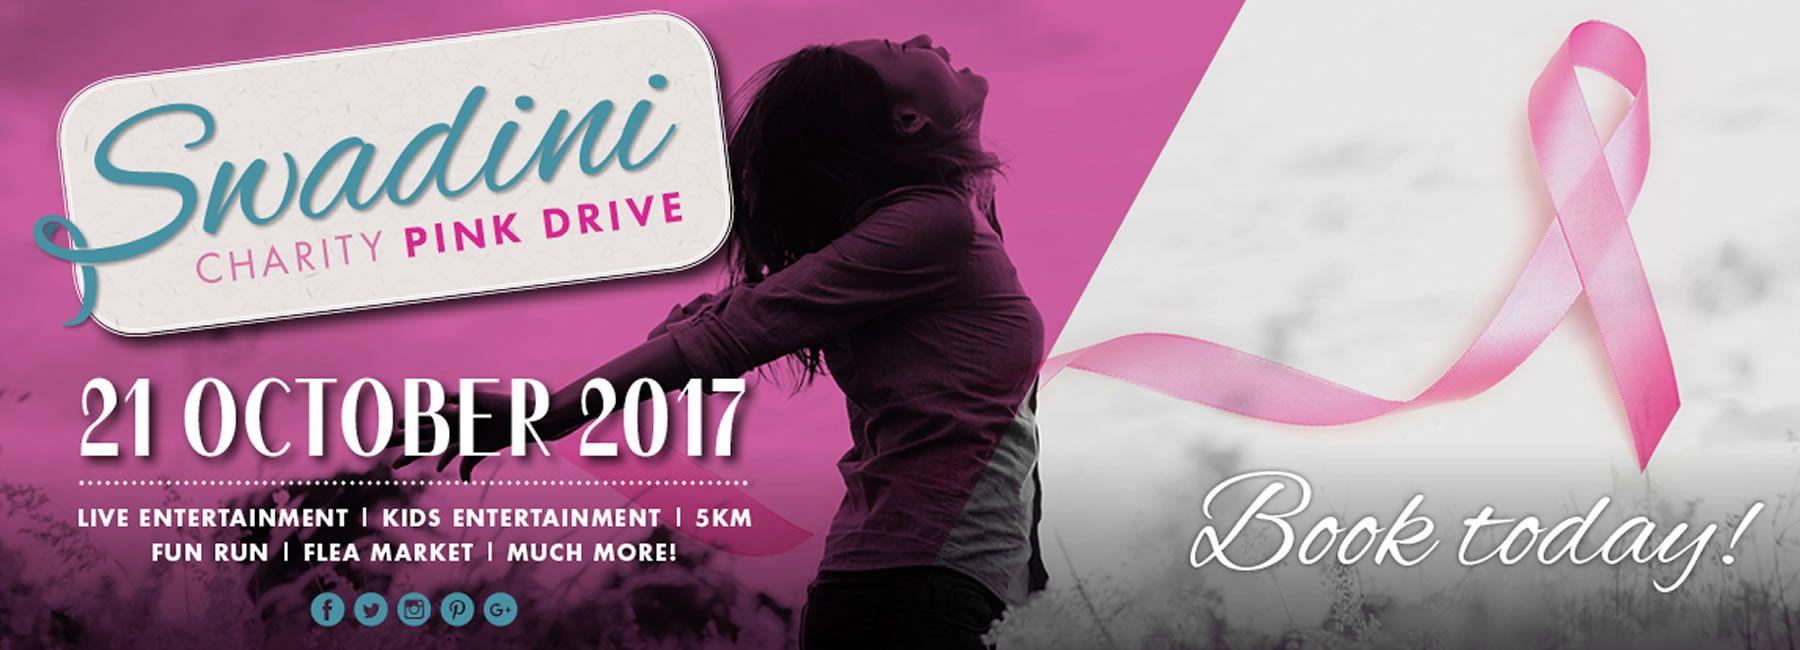 Swadini Charity Pink Drive 2017